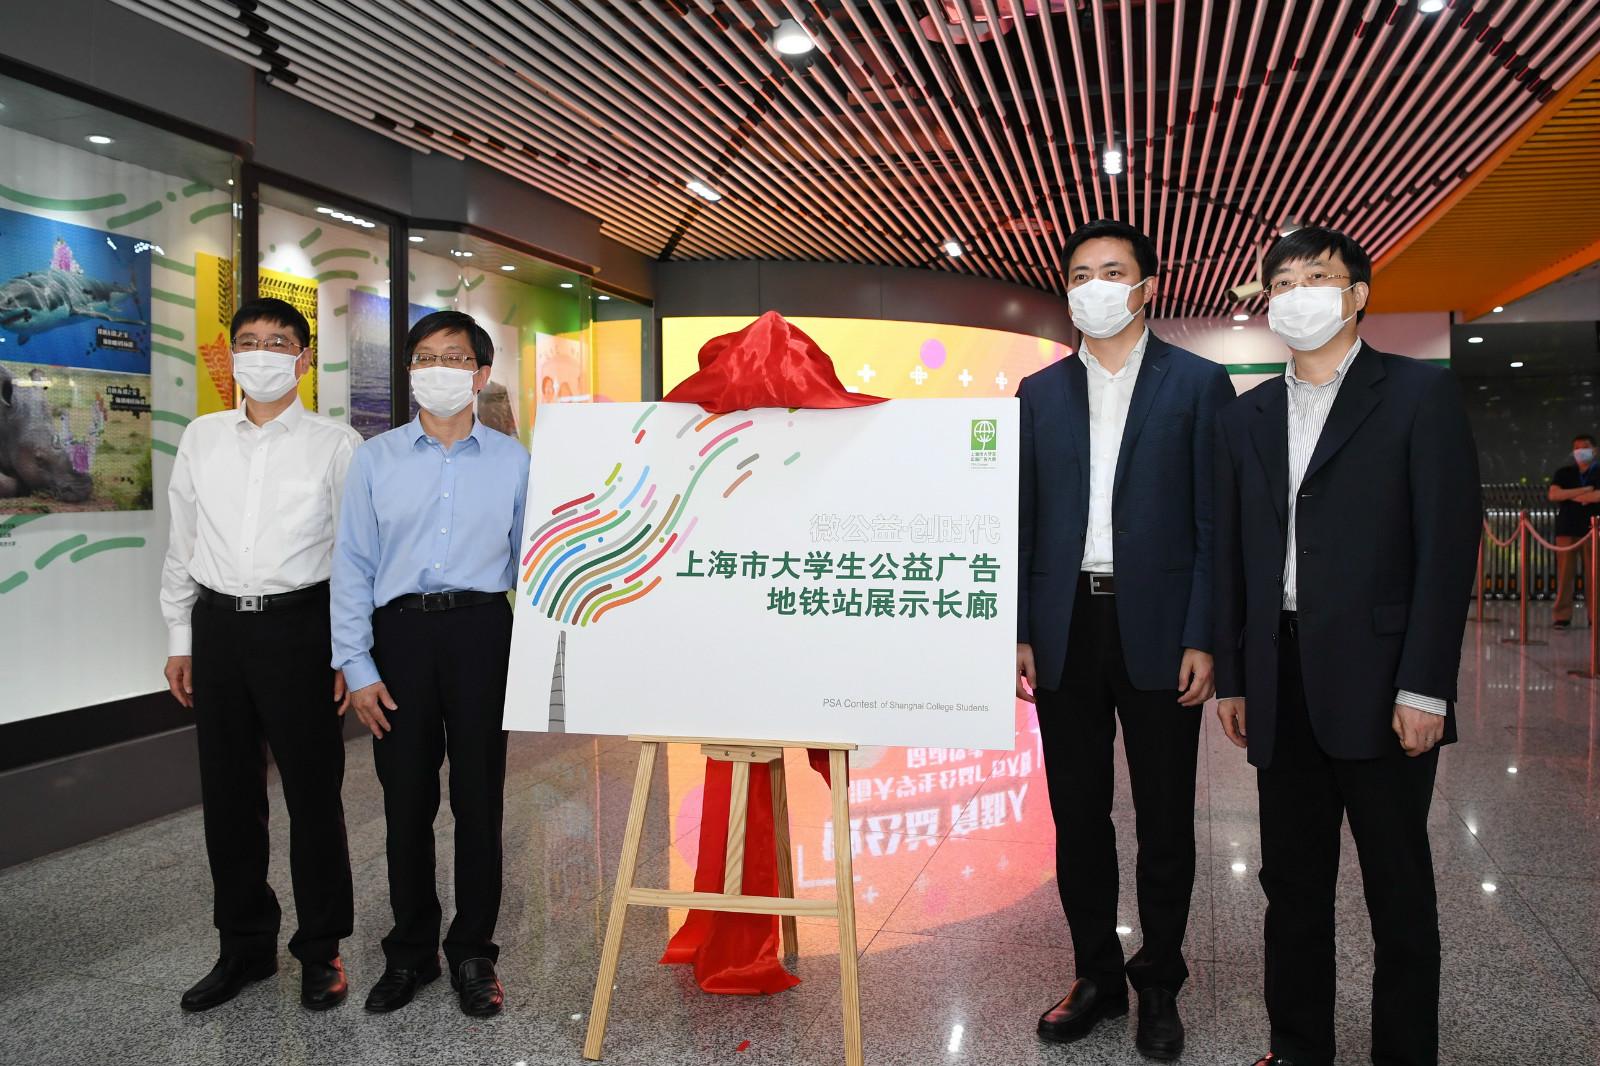 上海市大学生公益广告地铁站展示长廊揭牌1.jpg